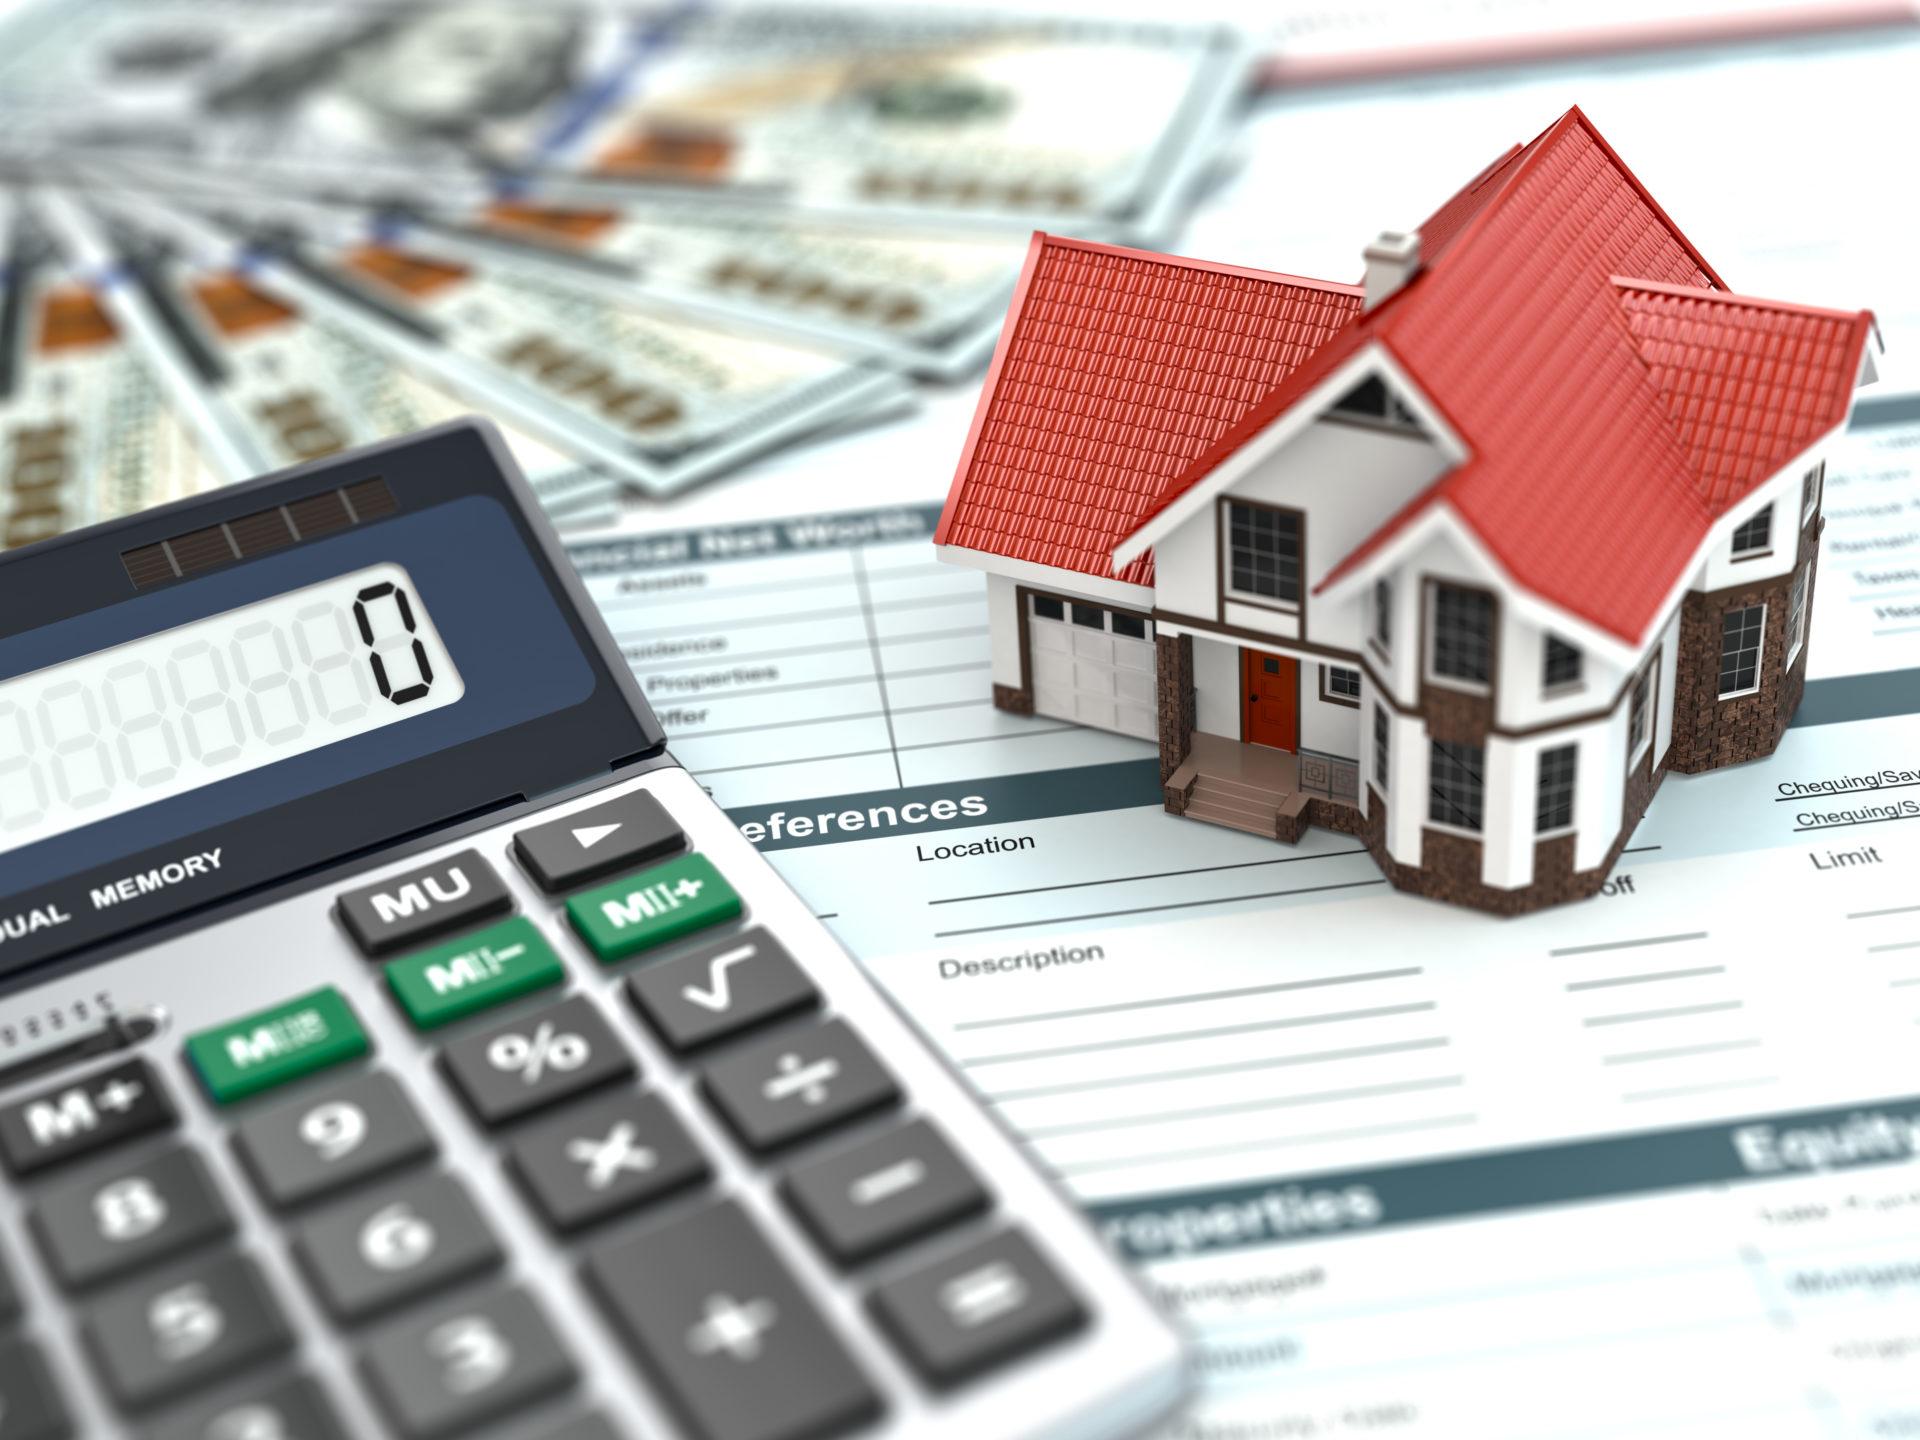 Fotografía de una calculadora y casa